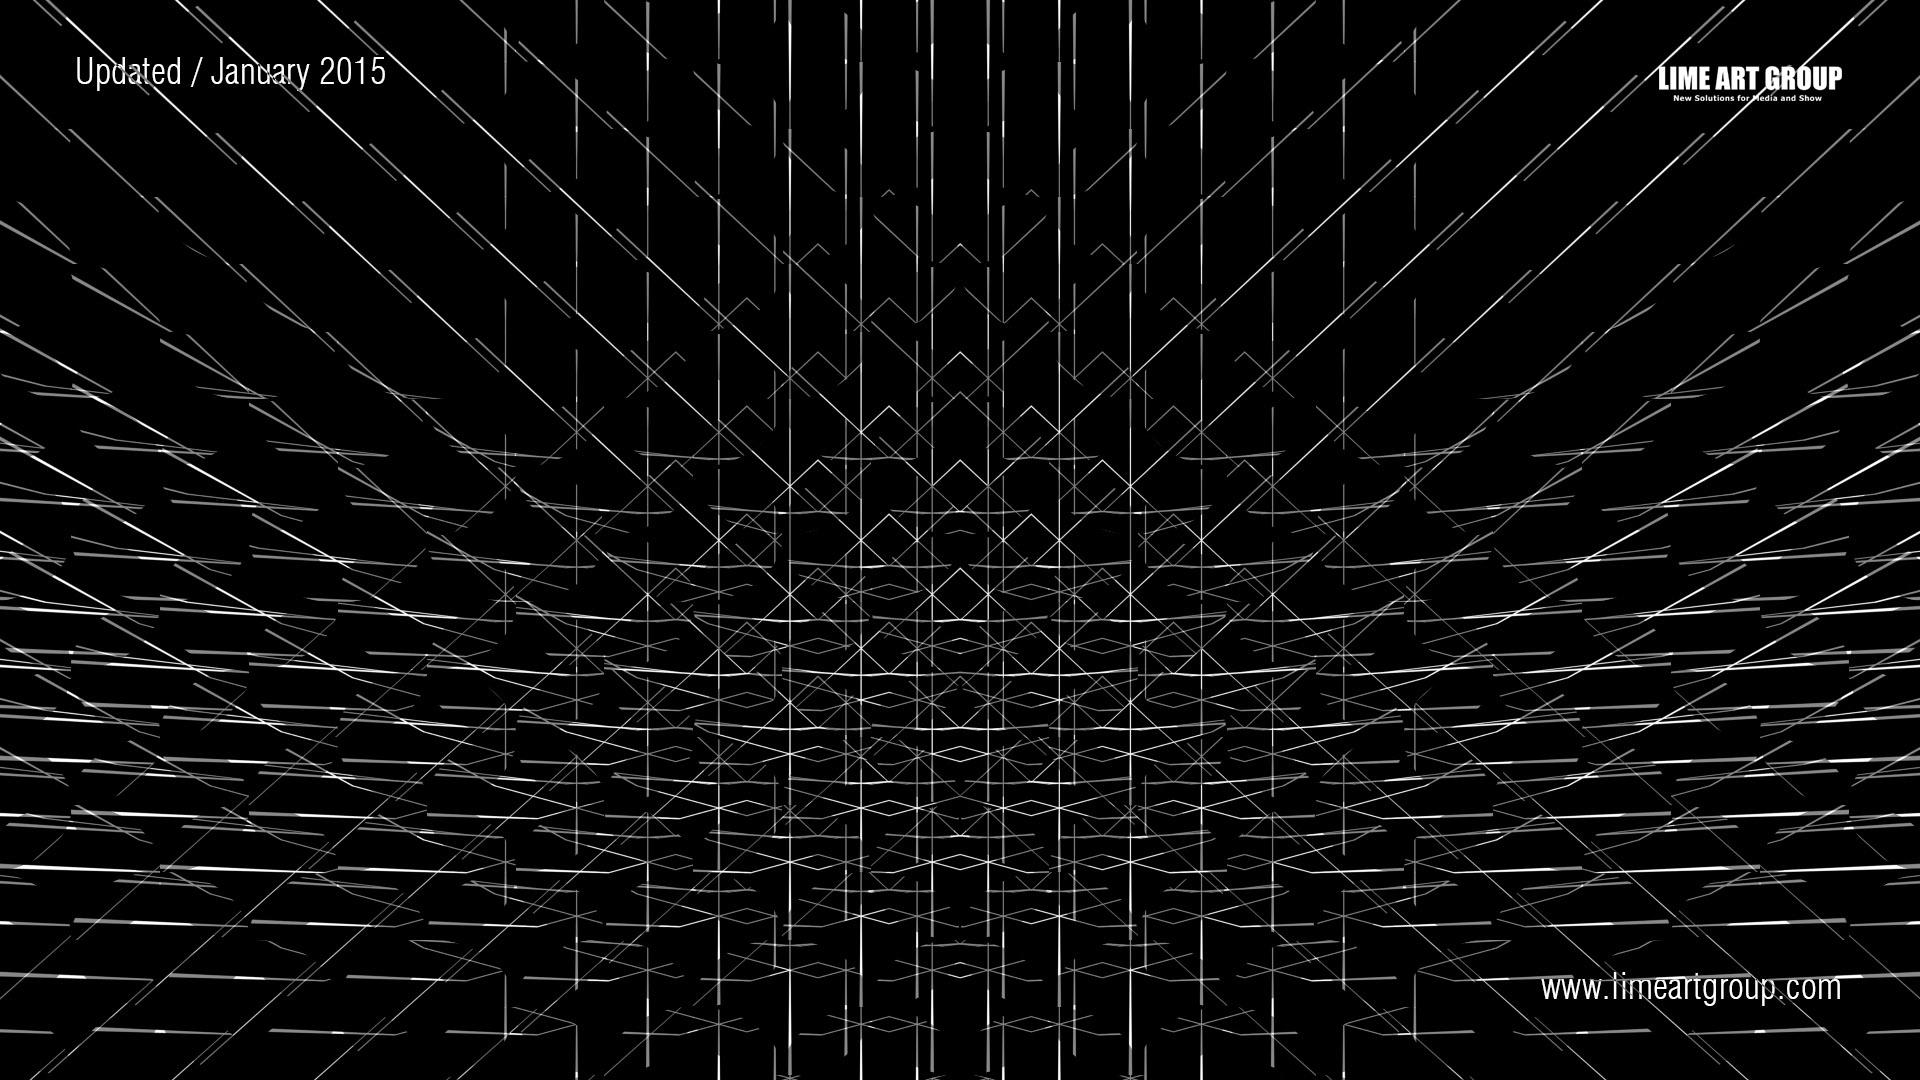 Smart Lines Vj loops video loops 18